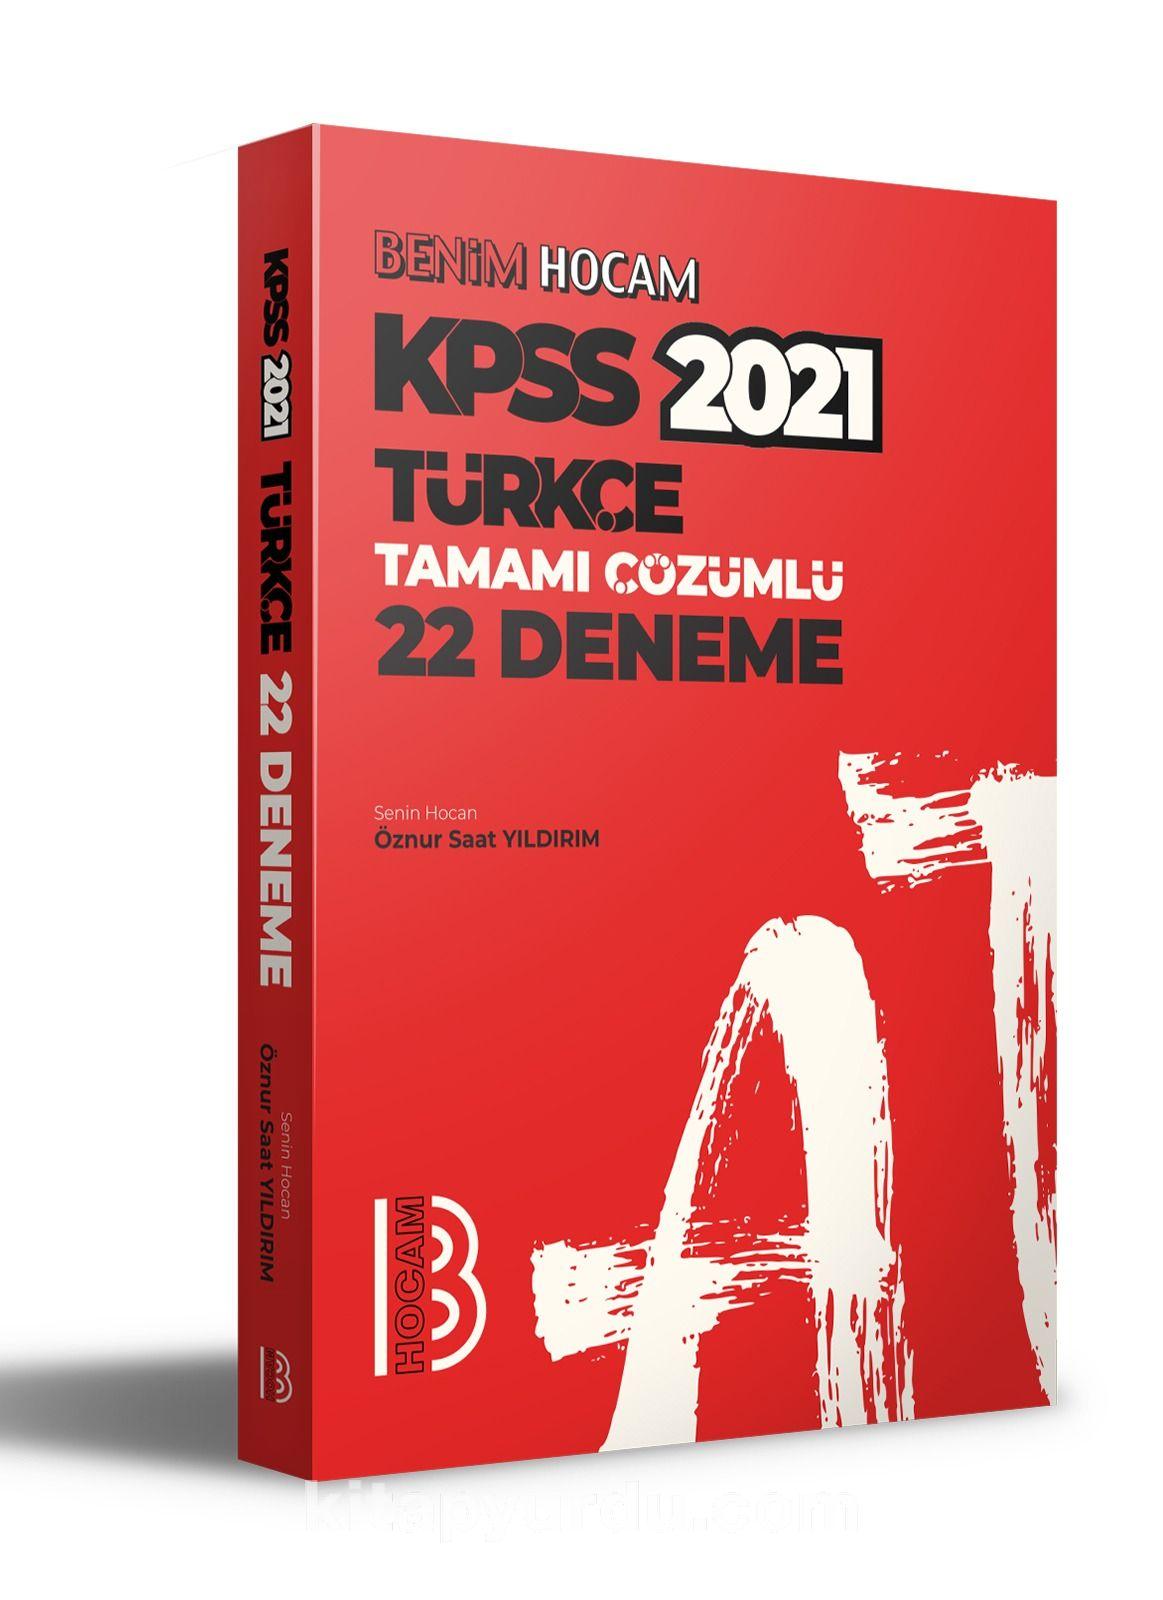 2021 KPSS Türkçe Tamamı Çözümlü 22 Deneme PDF Kitap İndir